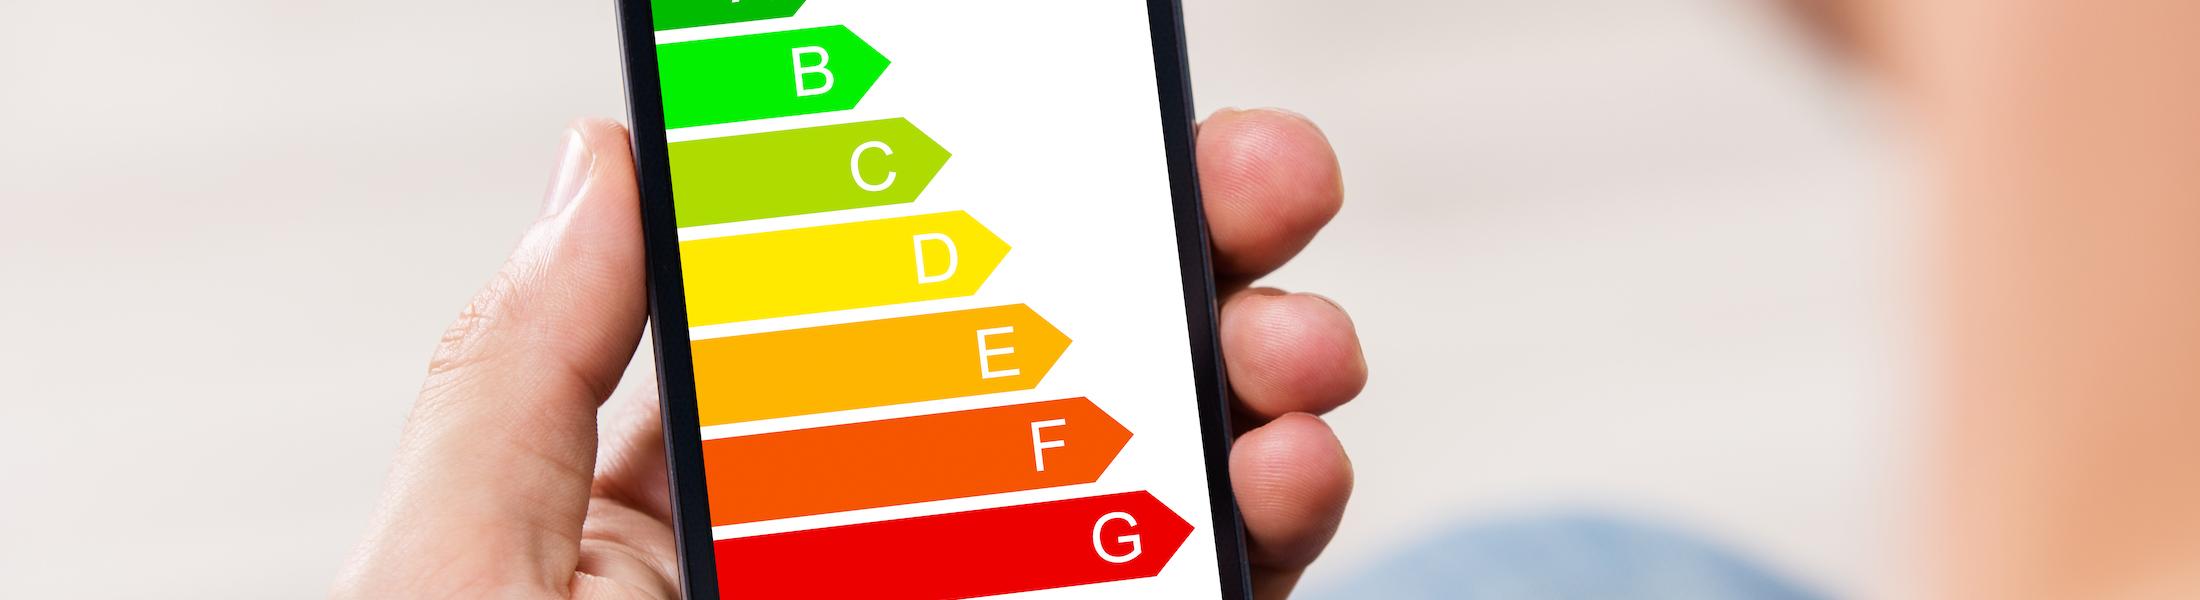 New-Label_neue-Energieetikette_2021_Effizienzskala_Slider